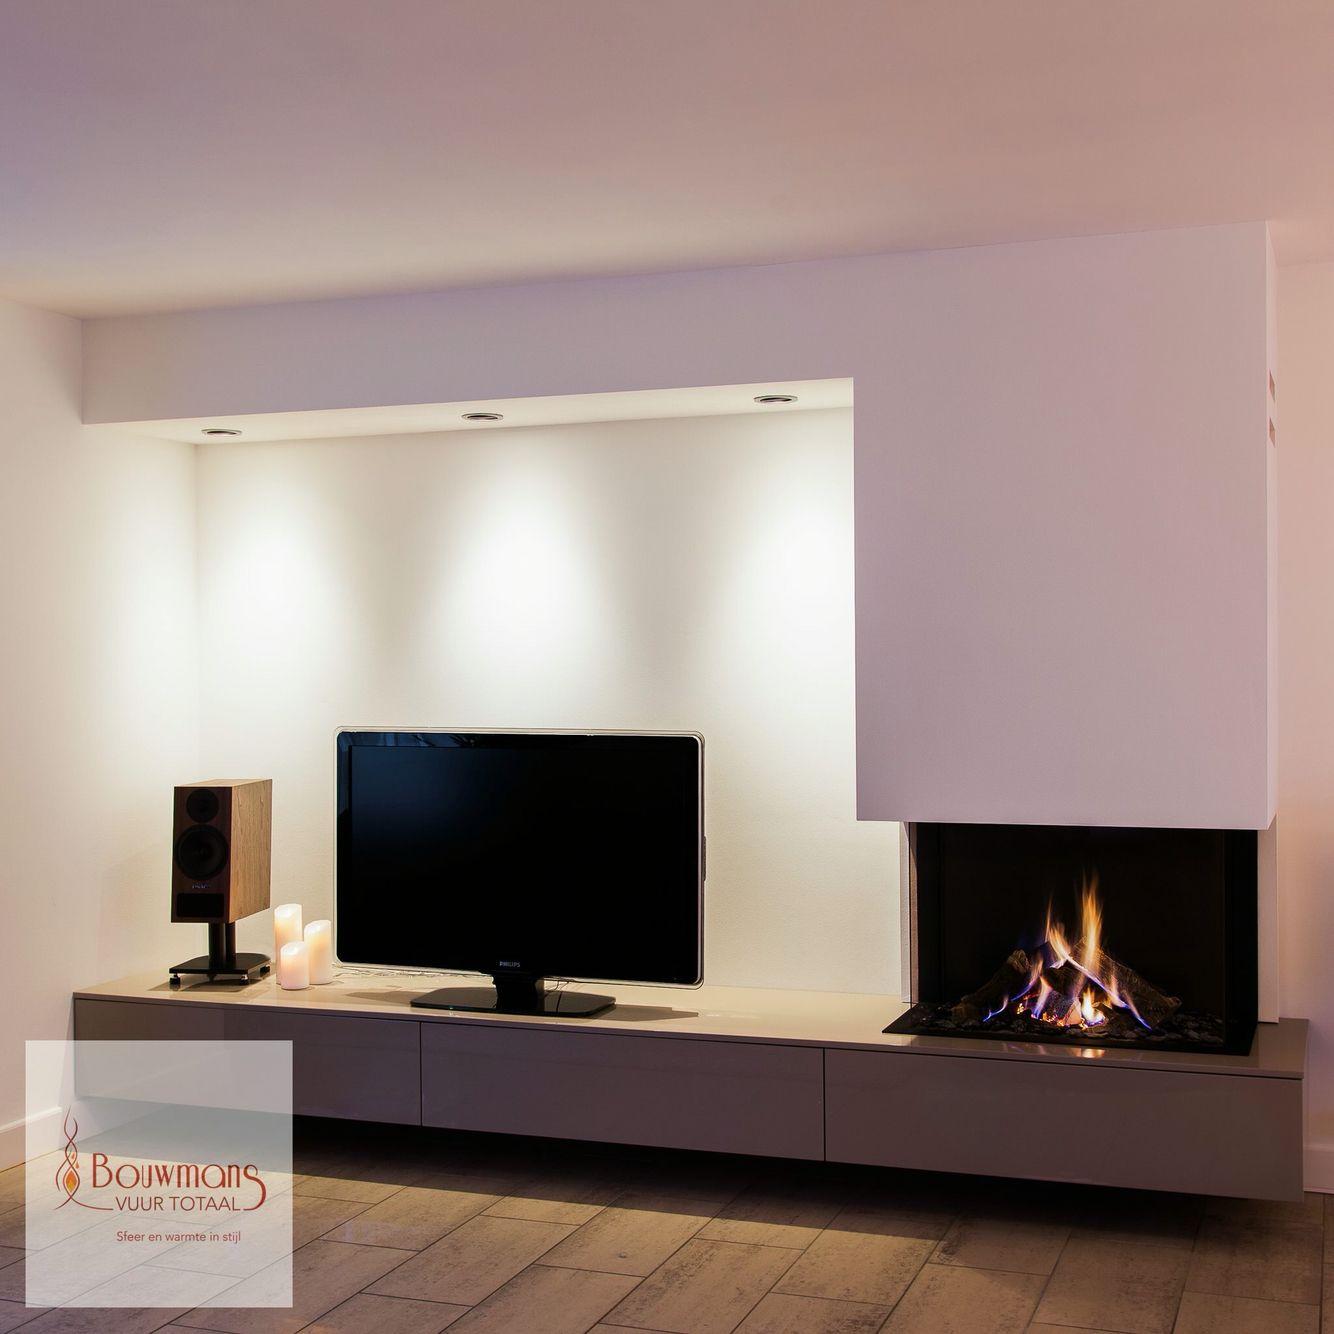 Pin di giulio galeotti su idee per la casa pinterest - Muebles de salon con chimenea integrada ...